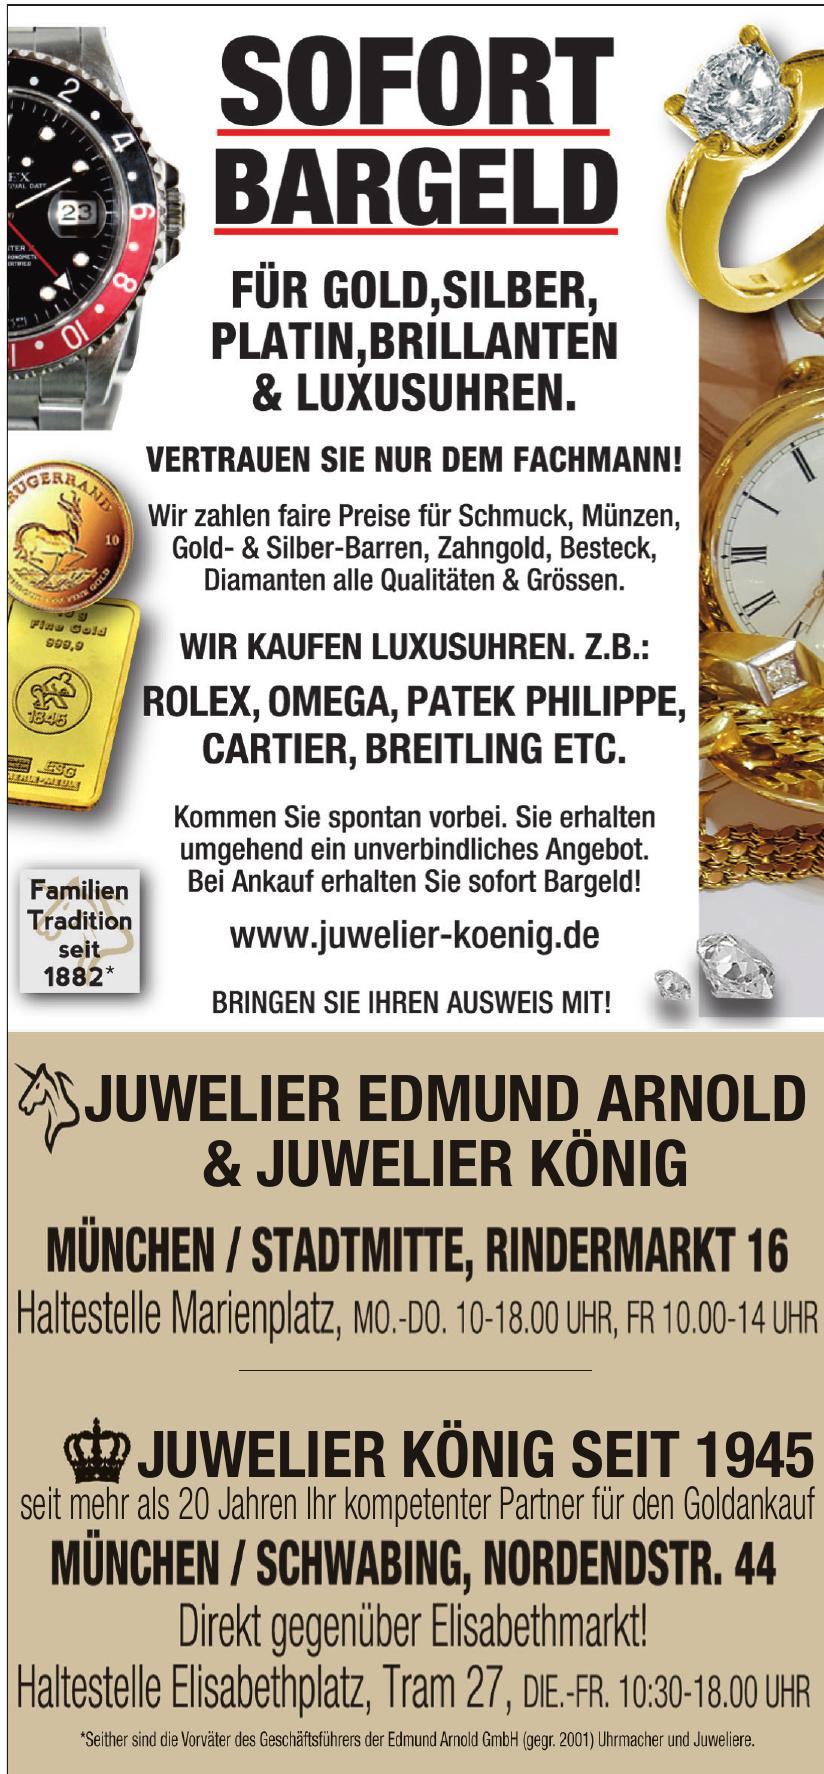 Juwelier Edmung Arnold & Juwelier König